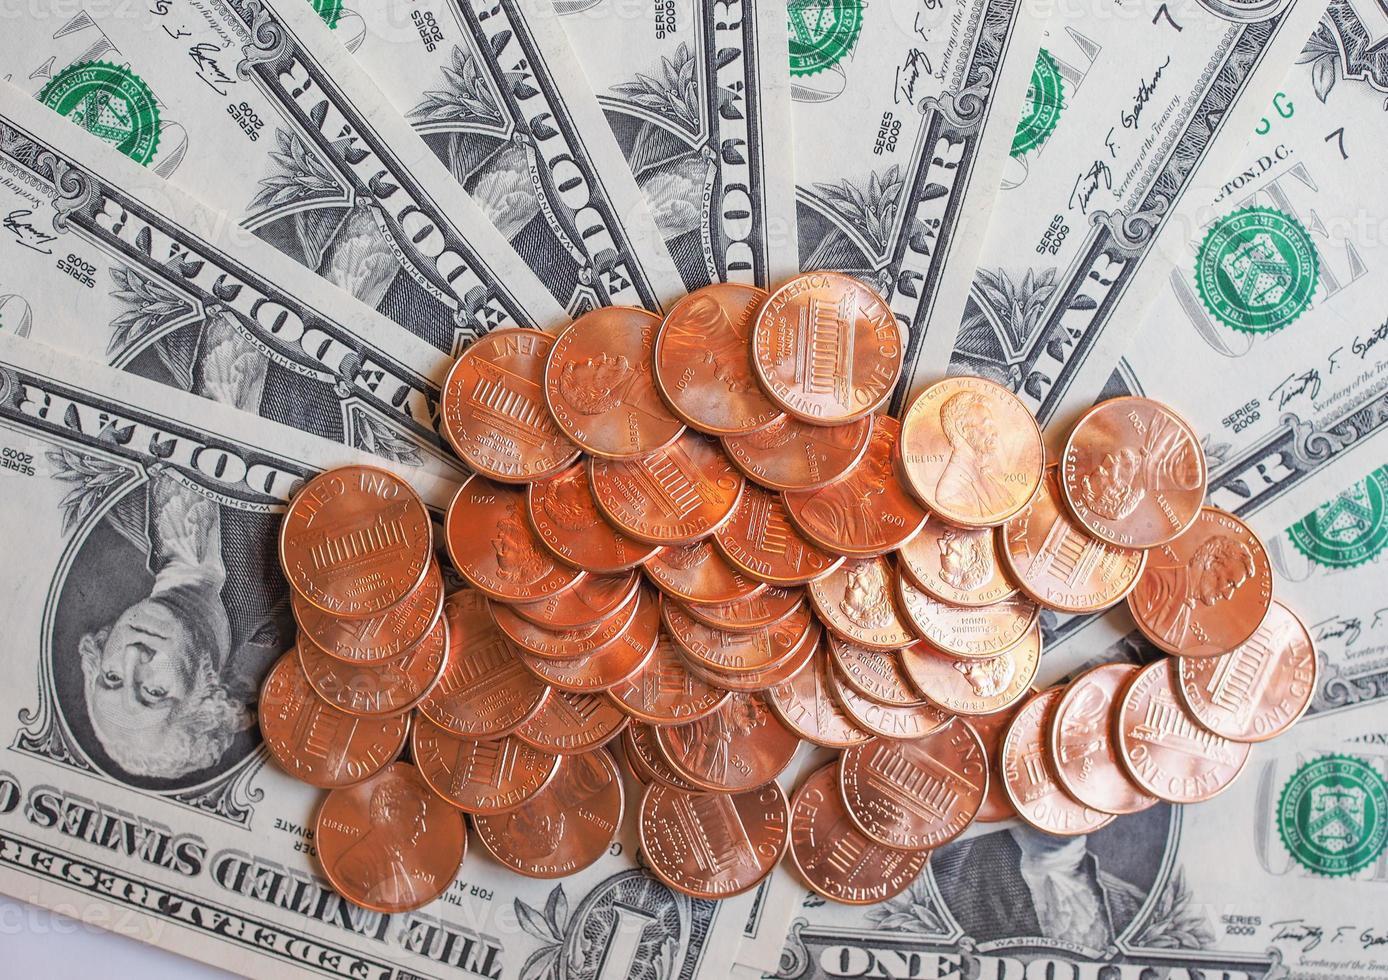 monete e banconote da un dollaro foto